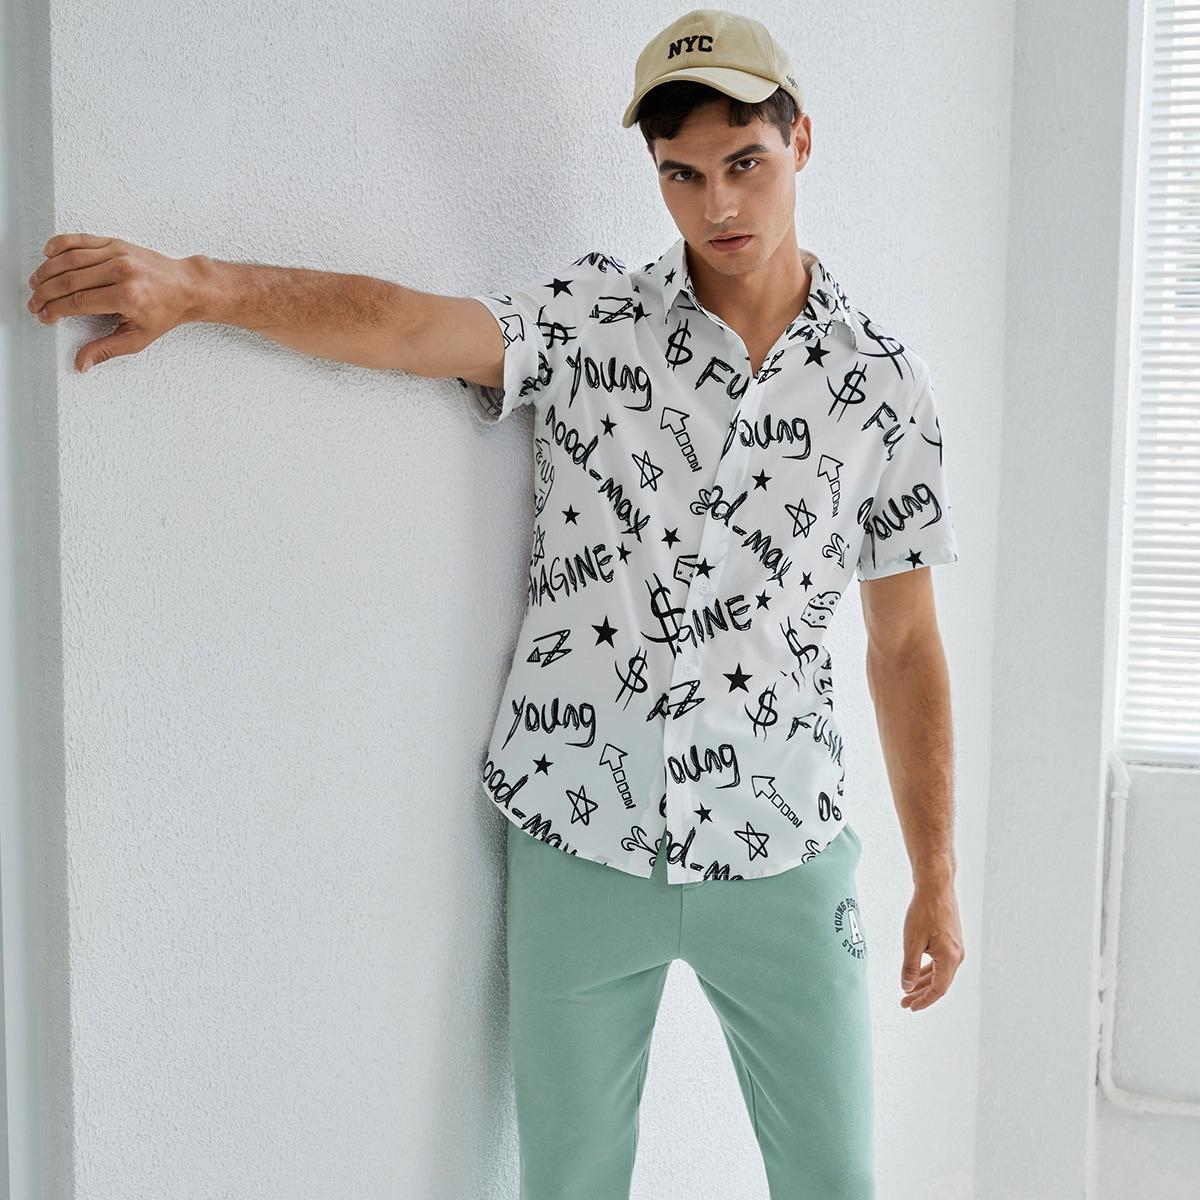 Мужской Рубашка с текстовым и графическим принтом SheIn smshirt07210508675